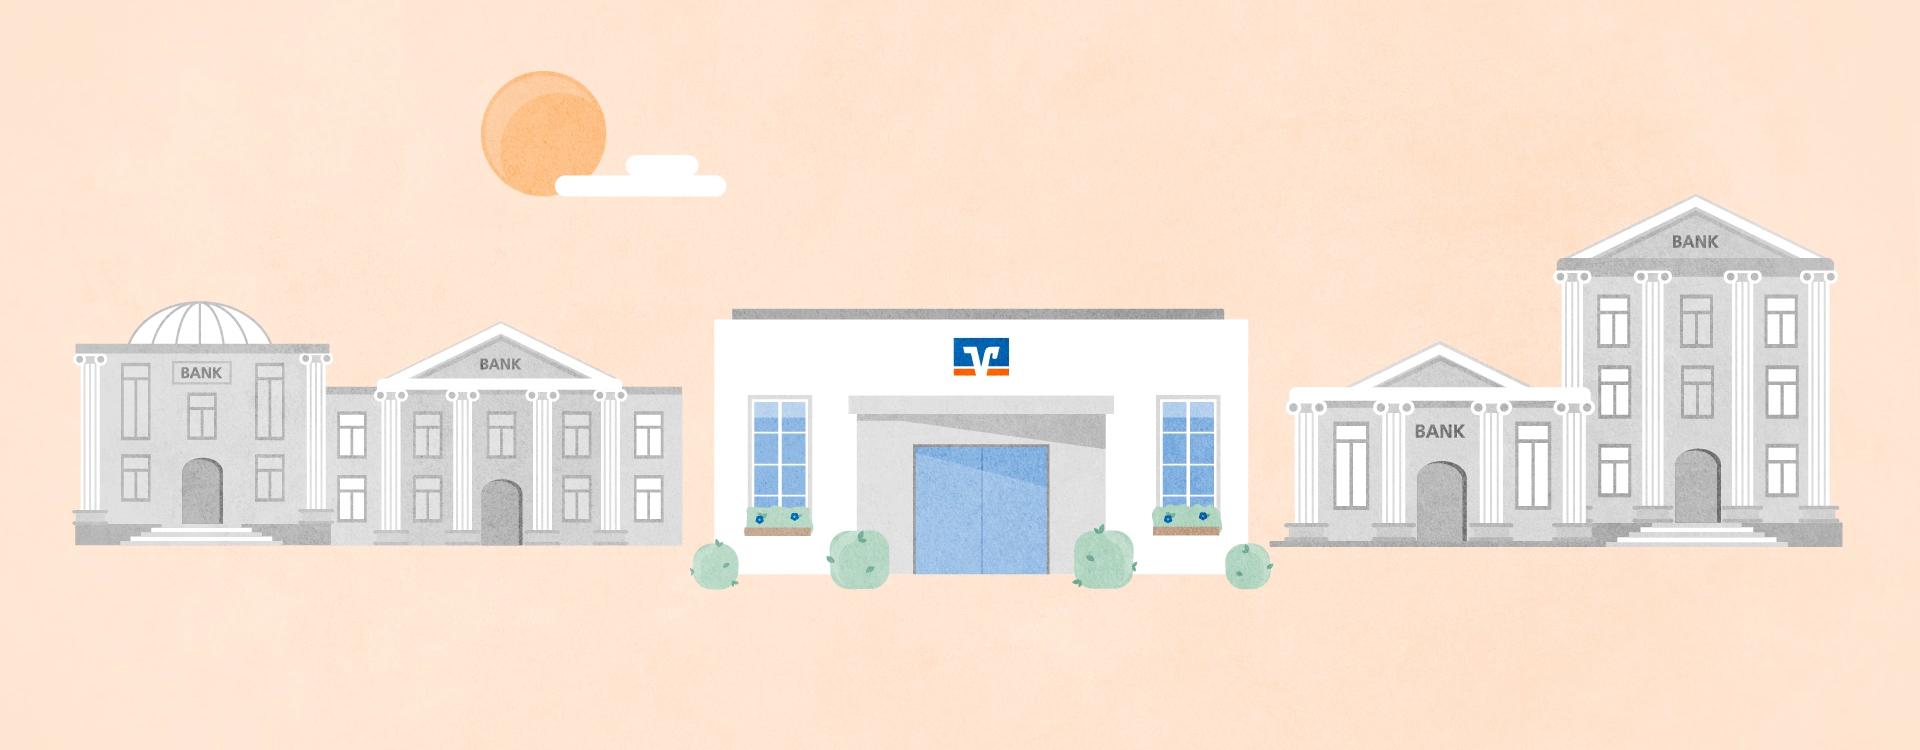 BB_VR-Mitgliedernetzwerk-Banken